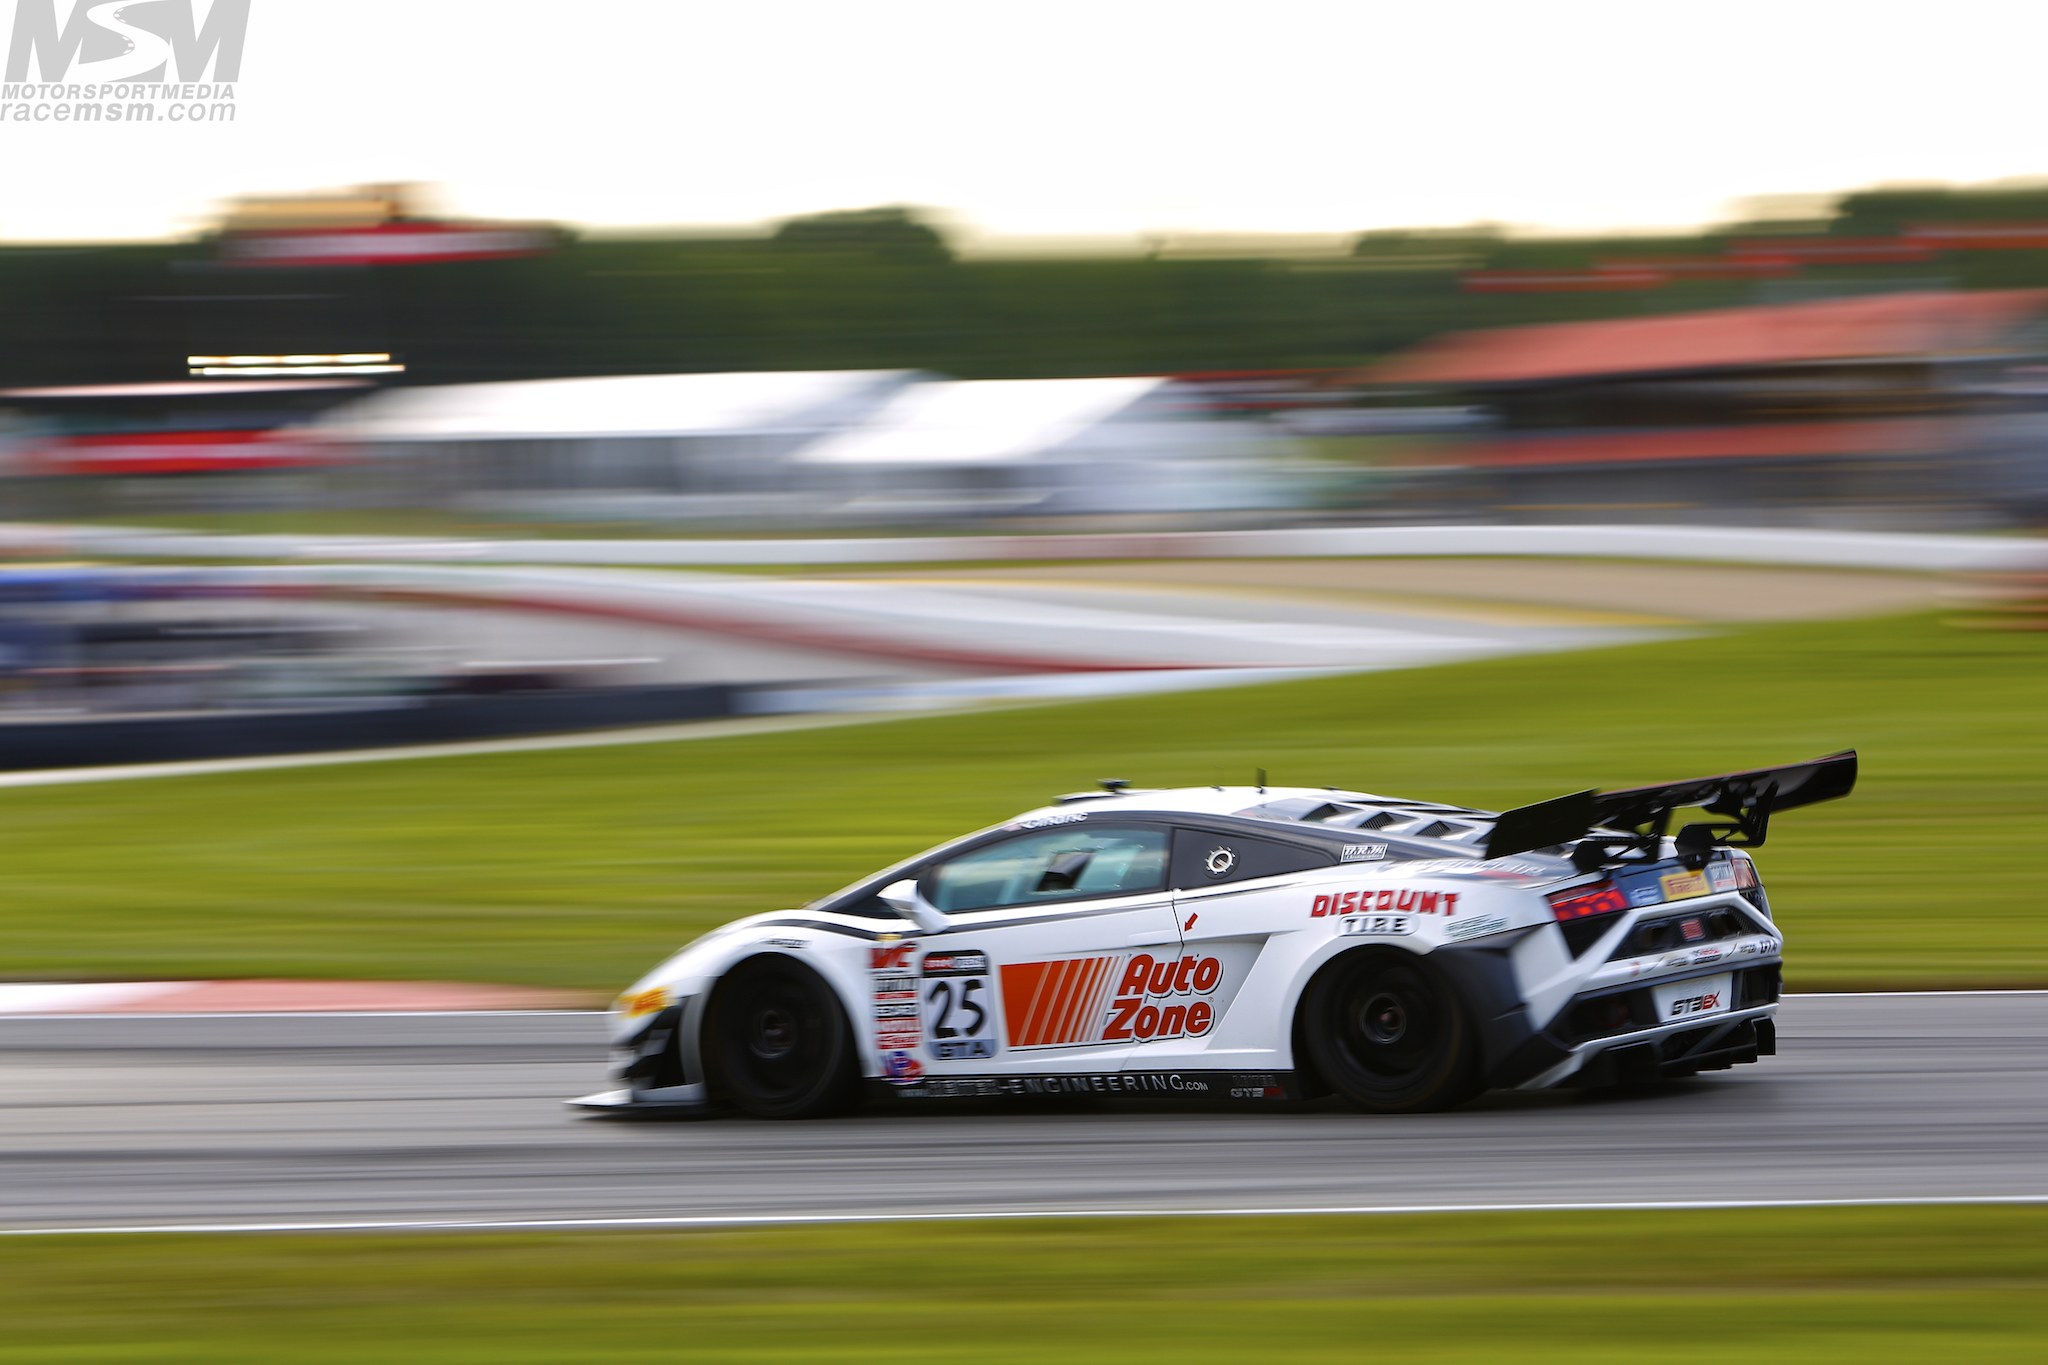 MotorSportMedia Mid Ohio 2015 Sunday (2).jpg